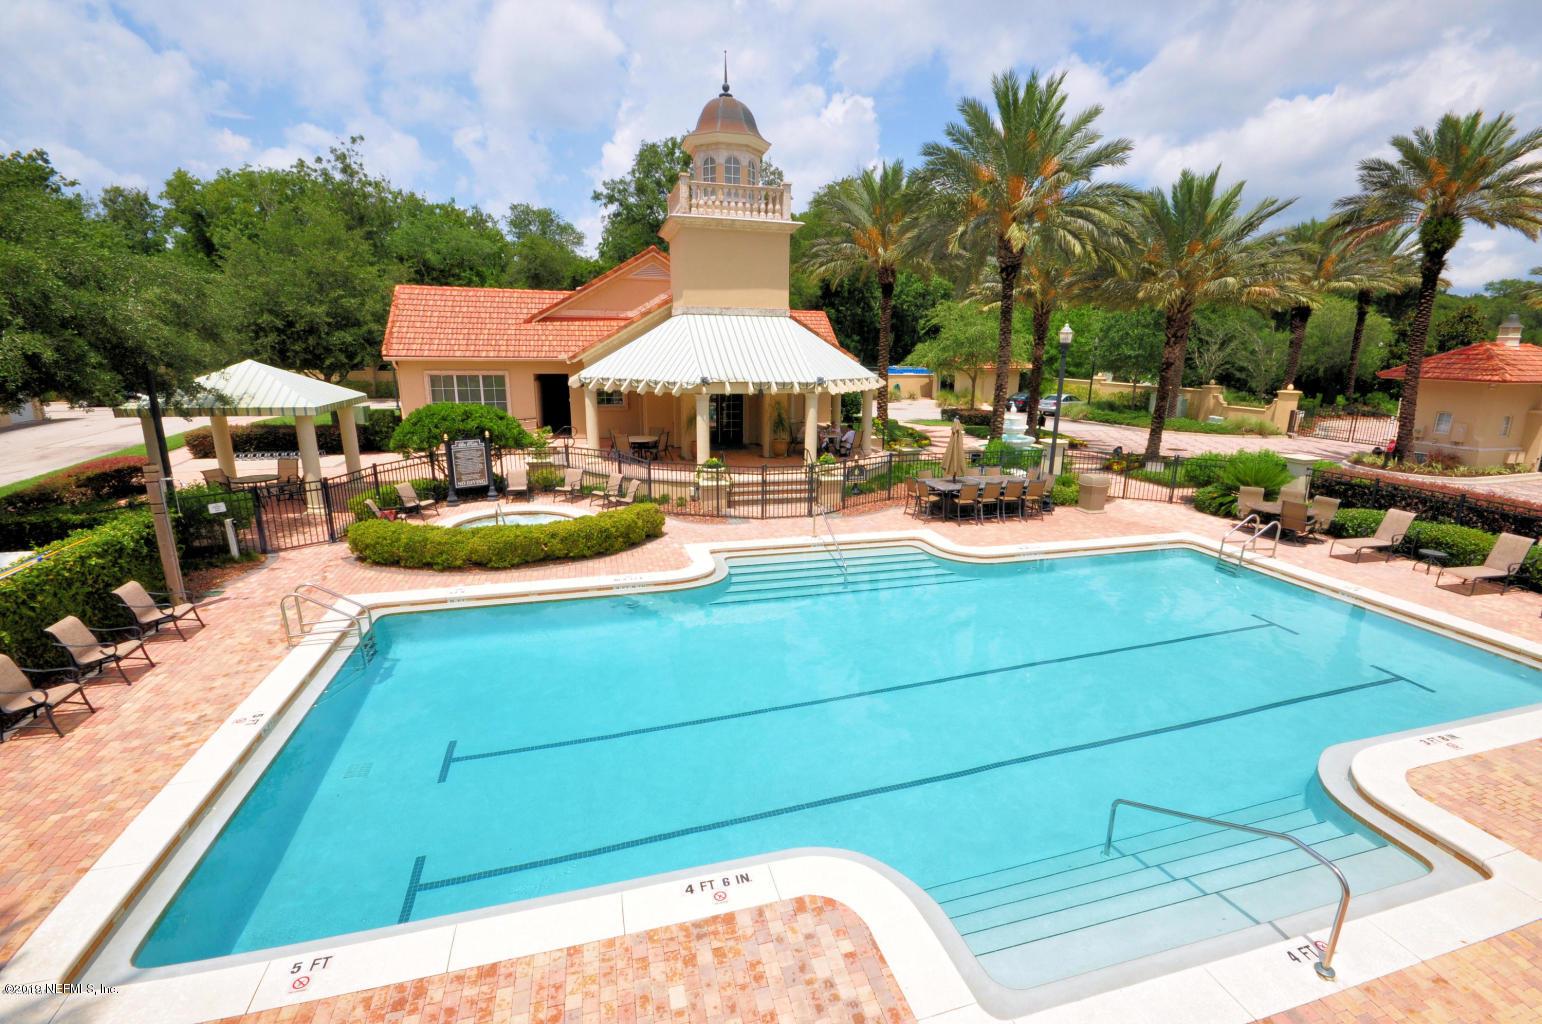 13846 ATLANTIC- JACKSONVILLE- FLORIDA 32225, 3 Bedrooms Bedrooms, ,3 BathroomsBathrooms,Condo,For sale,ATLANTIC,1022214